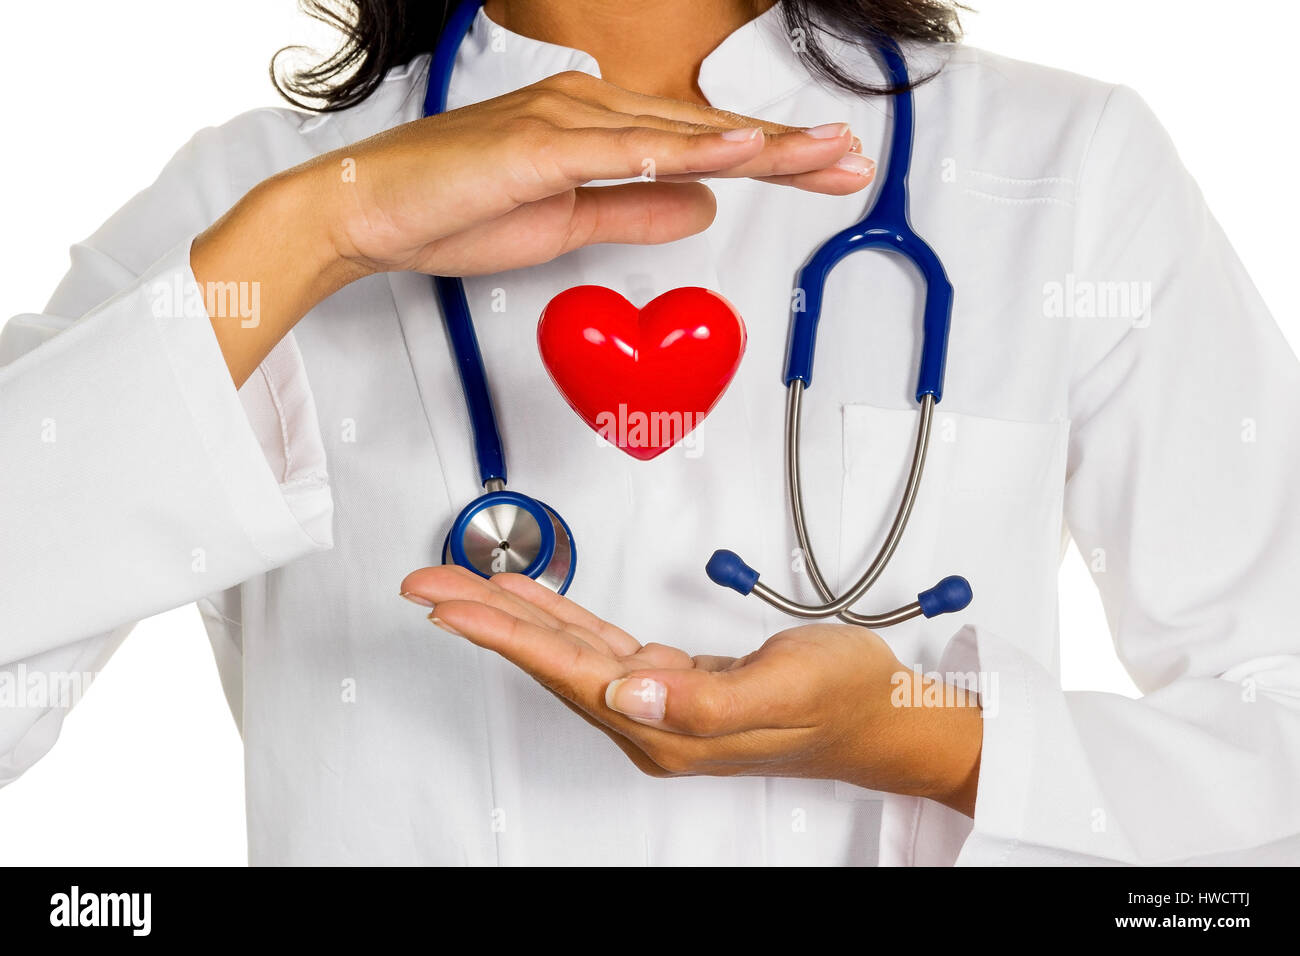 A young doctor (internist) holds a heart symbolically in the hand., Eine junge Ärztin (Internistin) hält ein Herz symbolisch in der Hand. Stock Photo